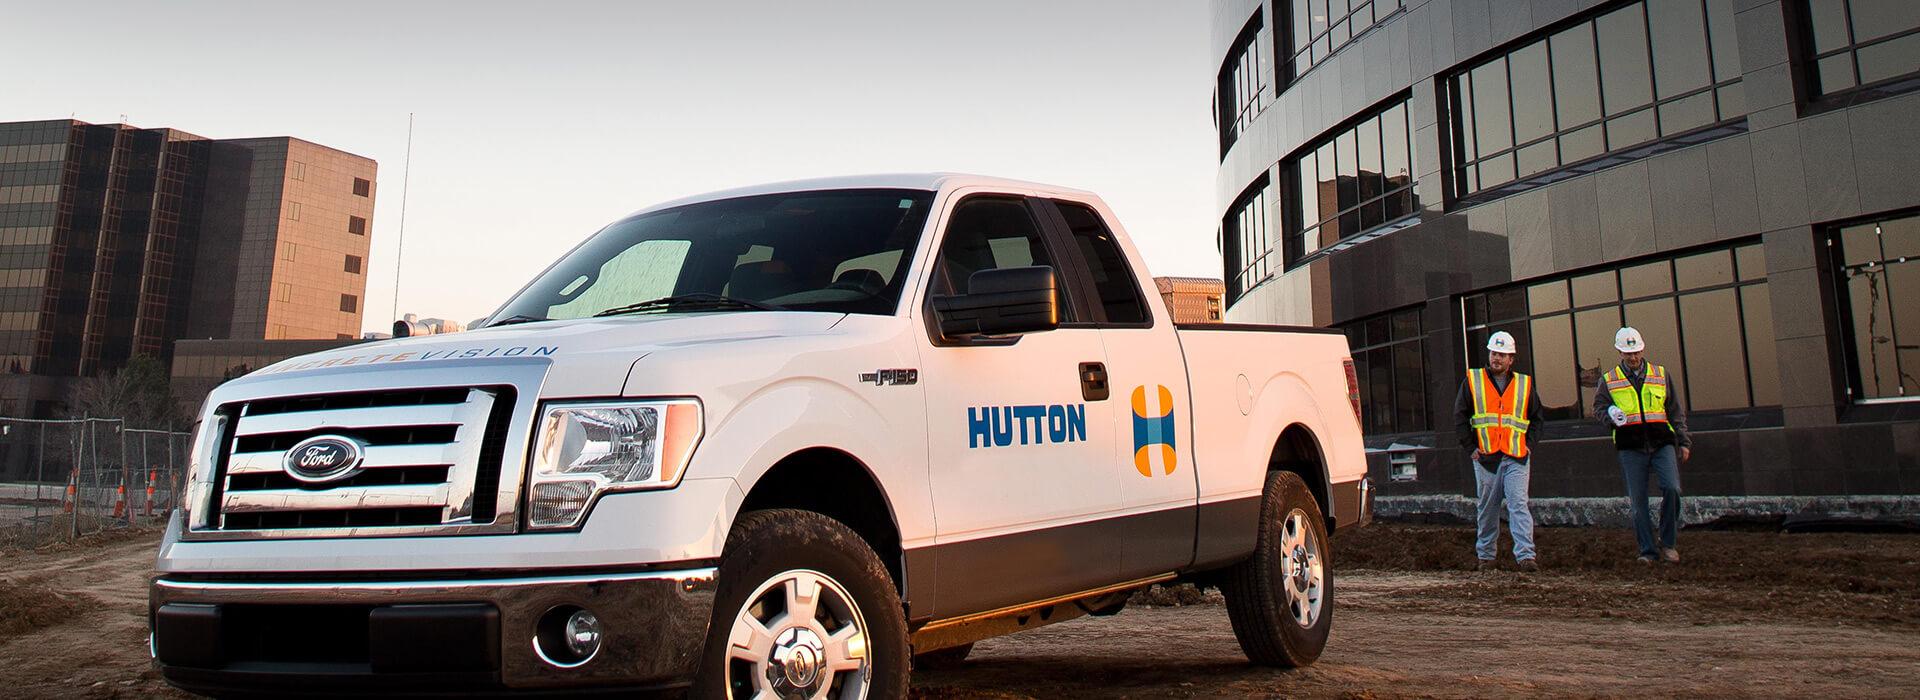 contact-Hutton-construction-desktop